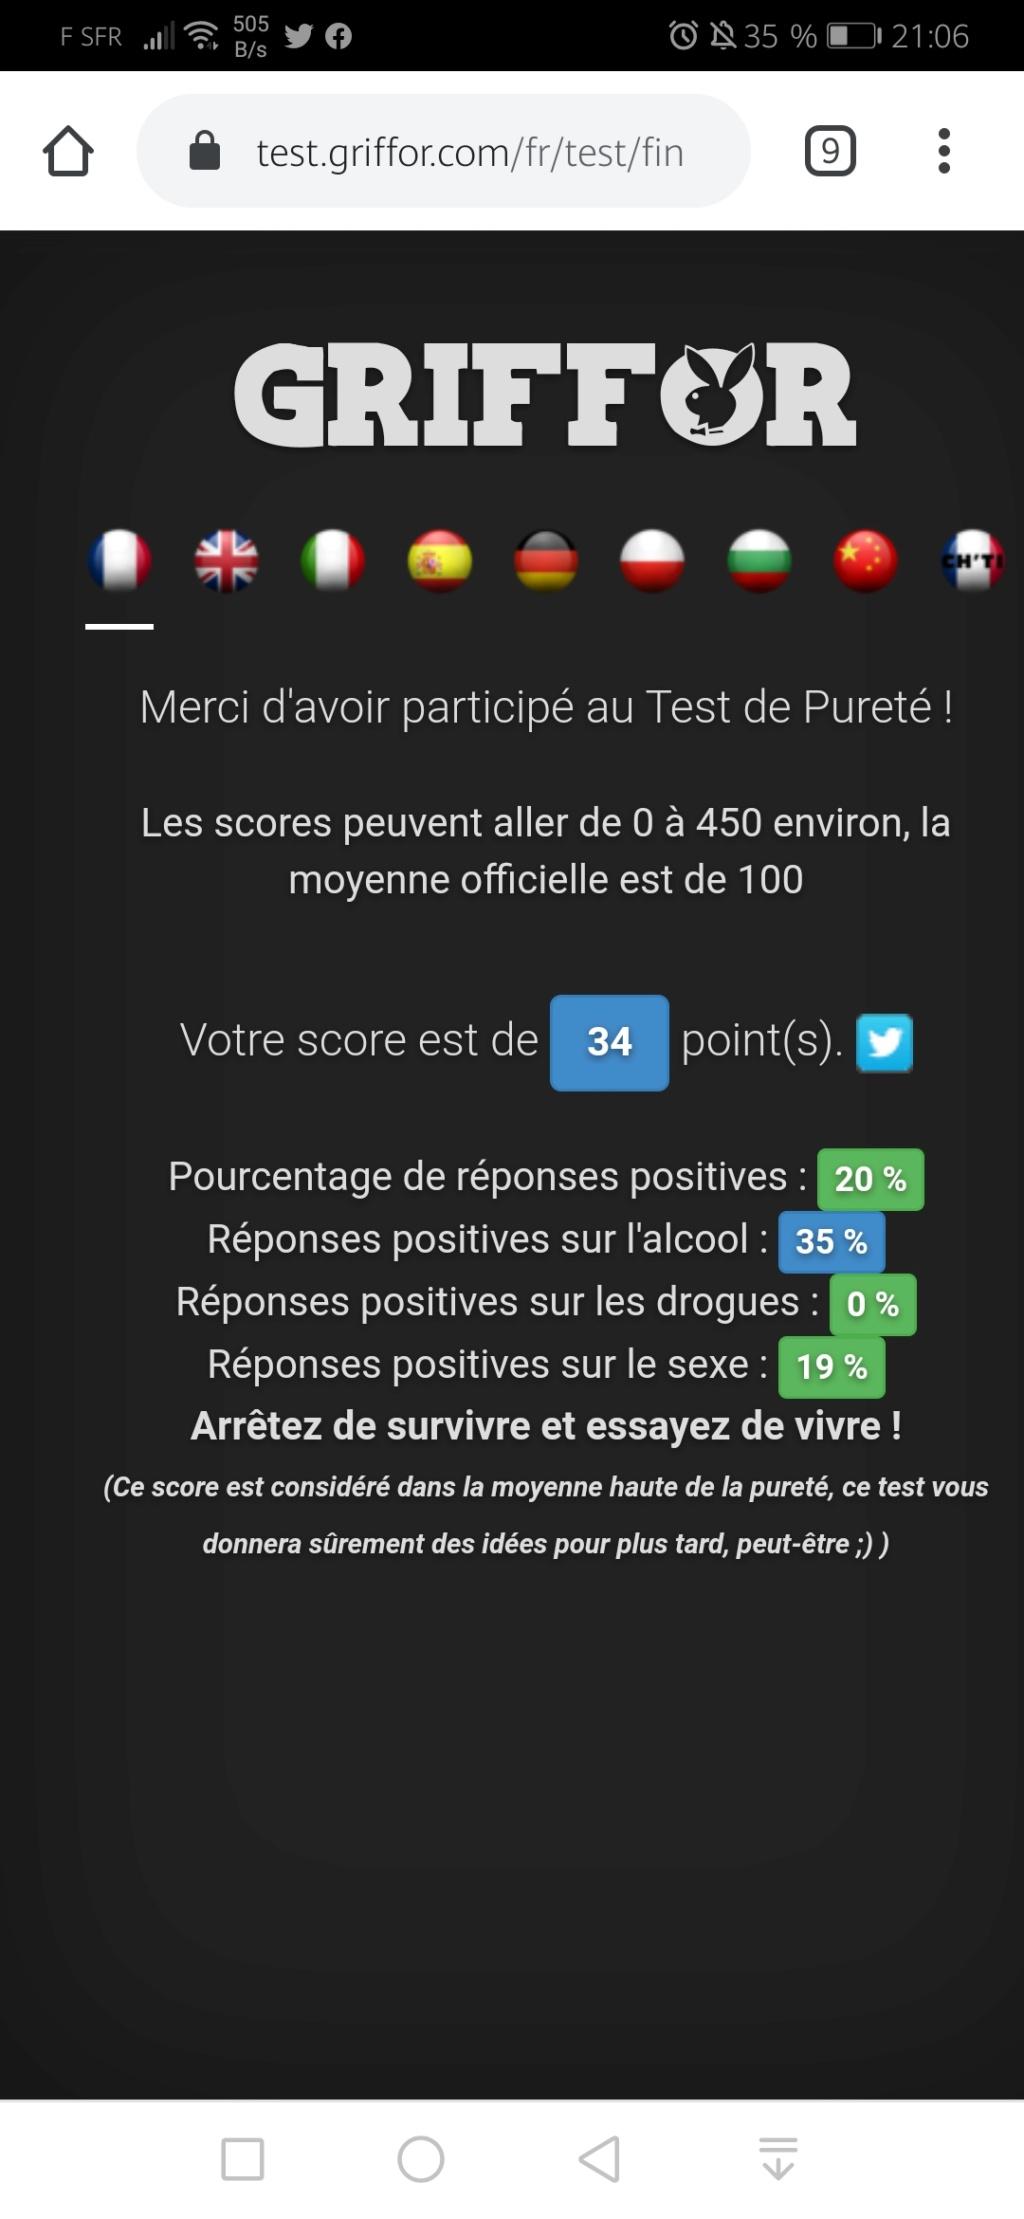 Le test de pureté - Page 2 Screen12